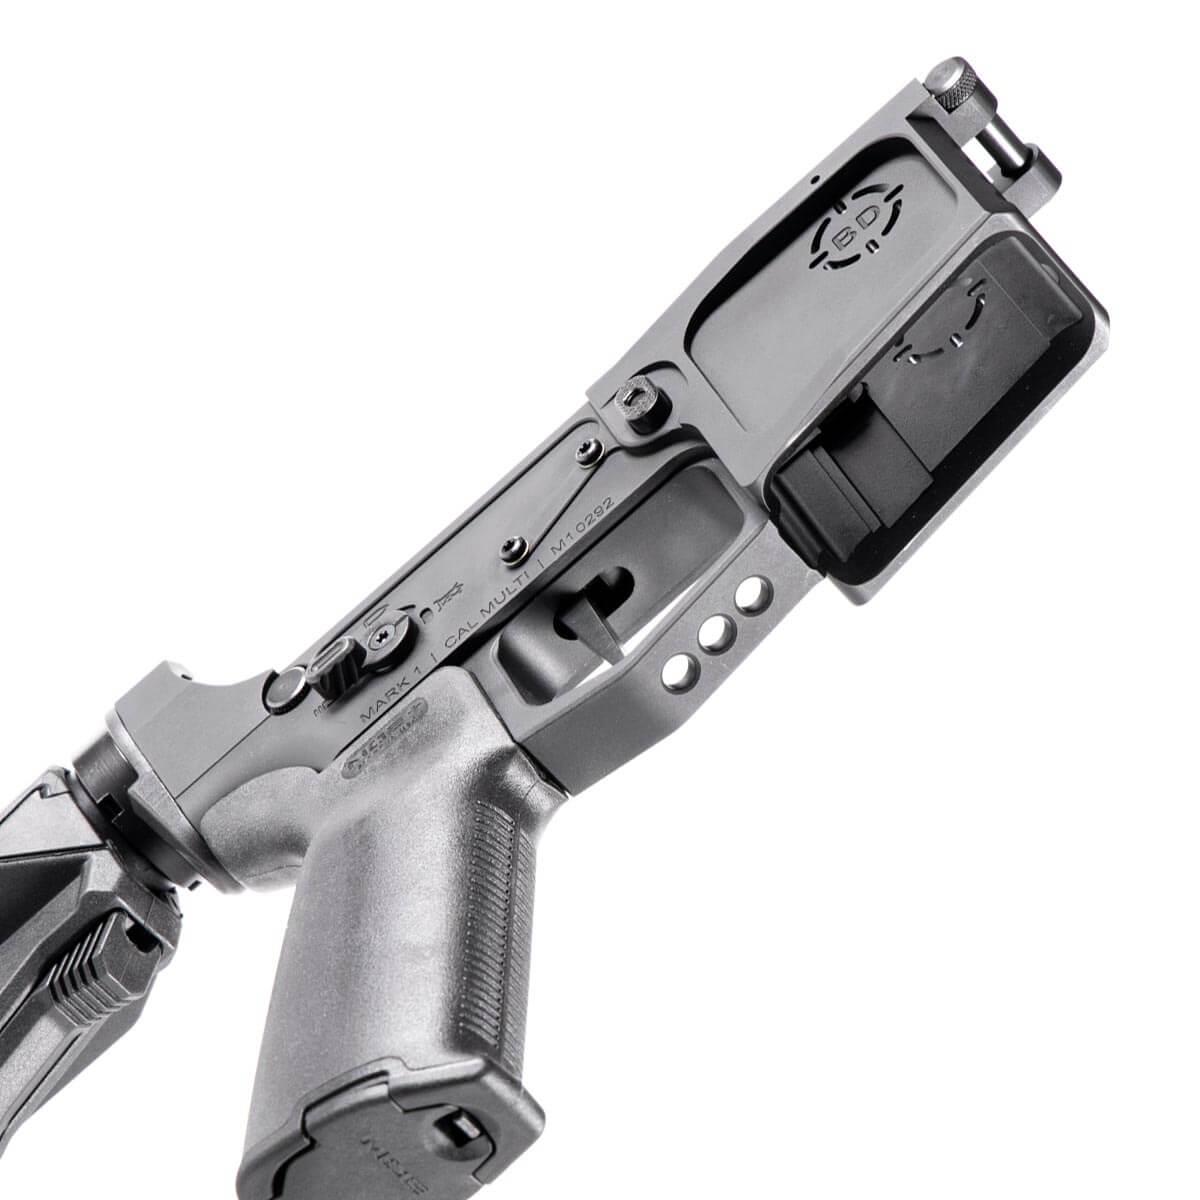 Quantum Mark 1 AR-15 Complete Lower